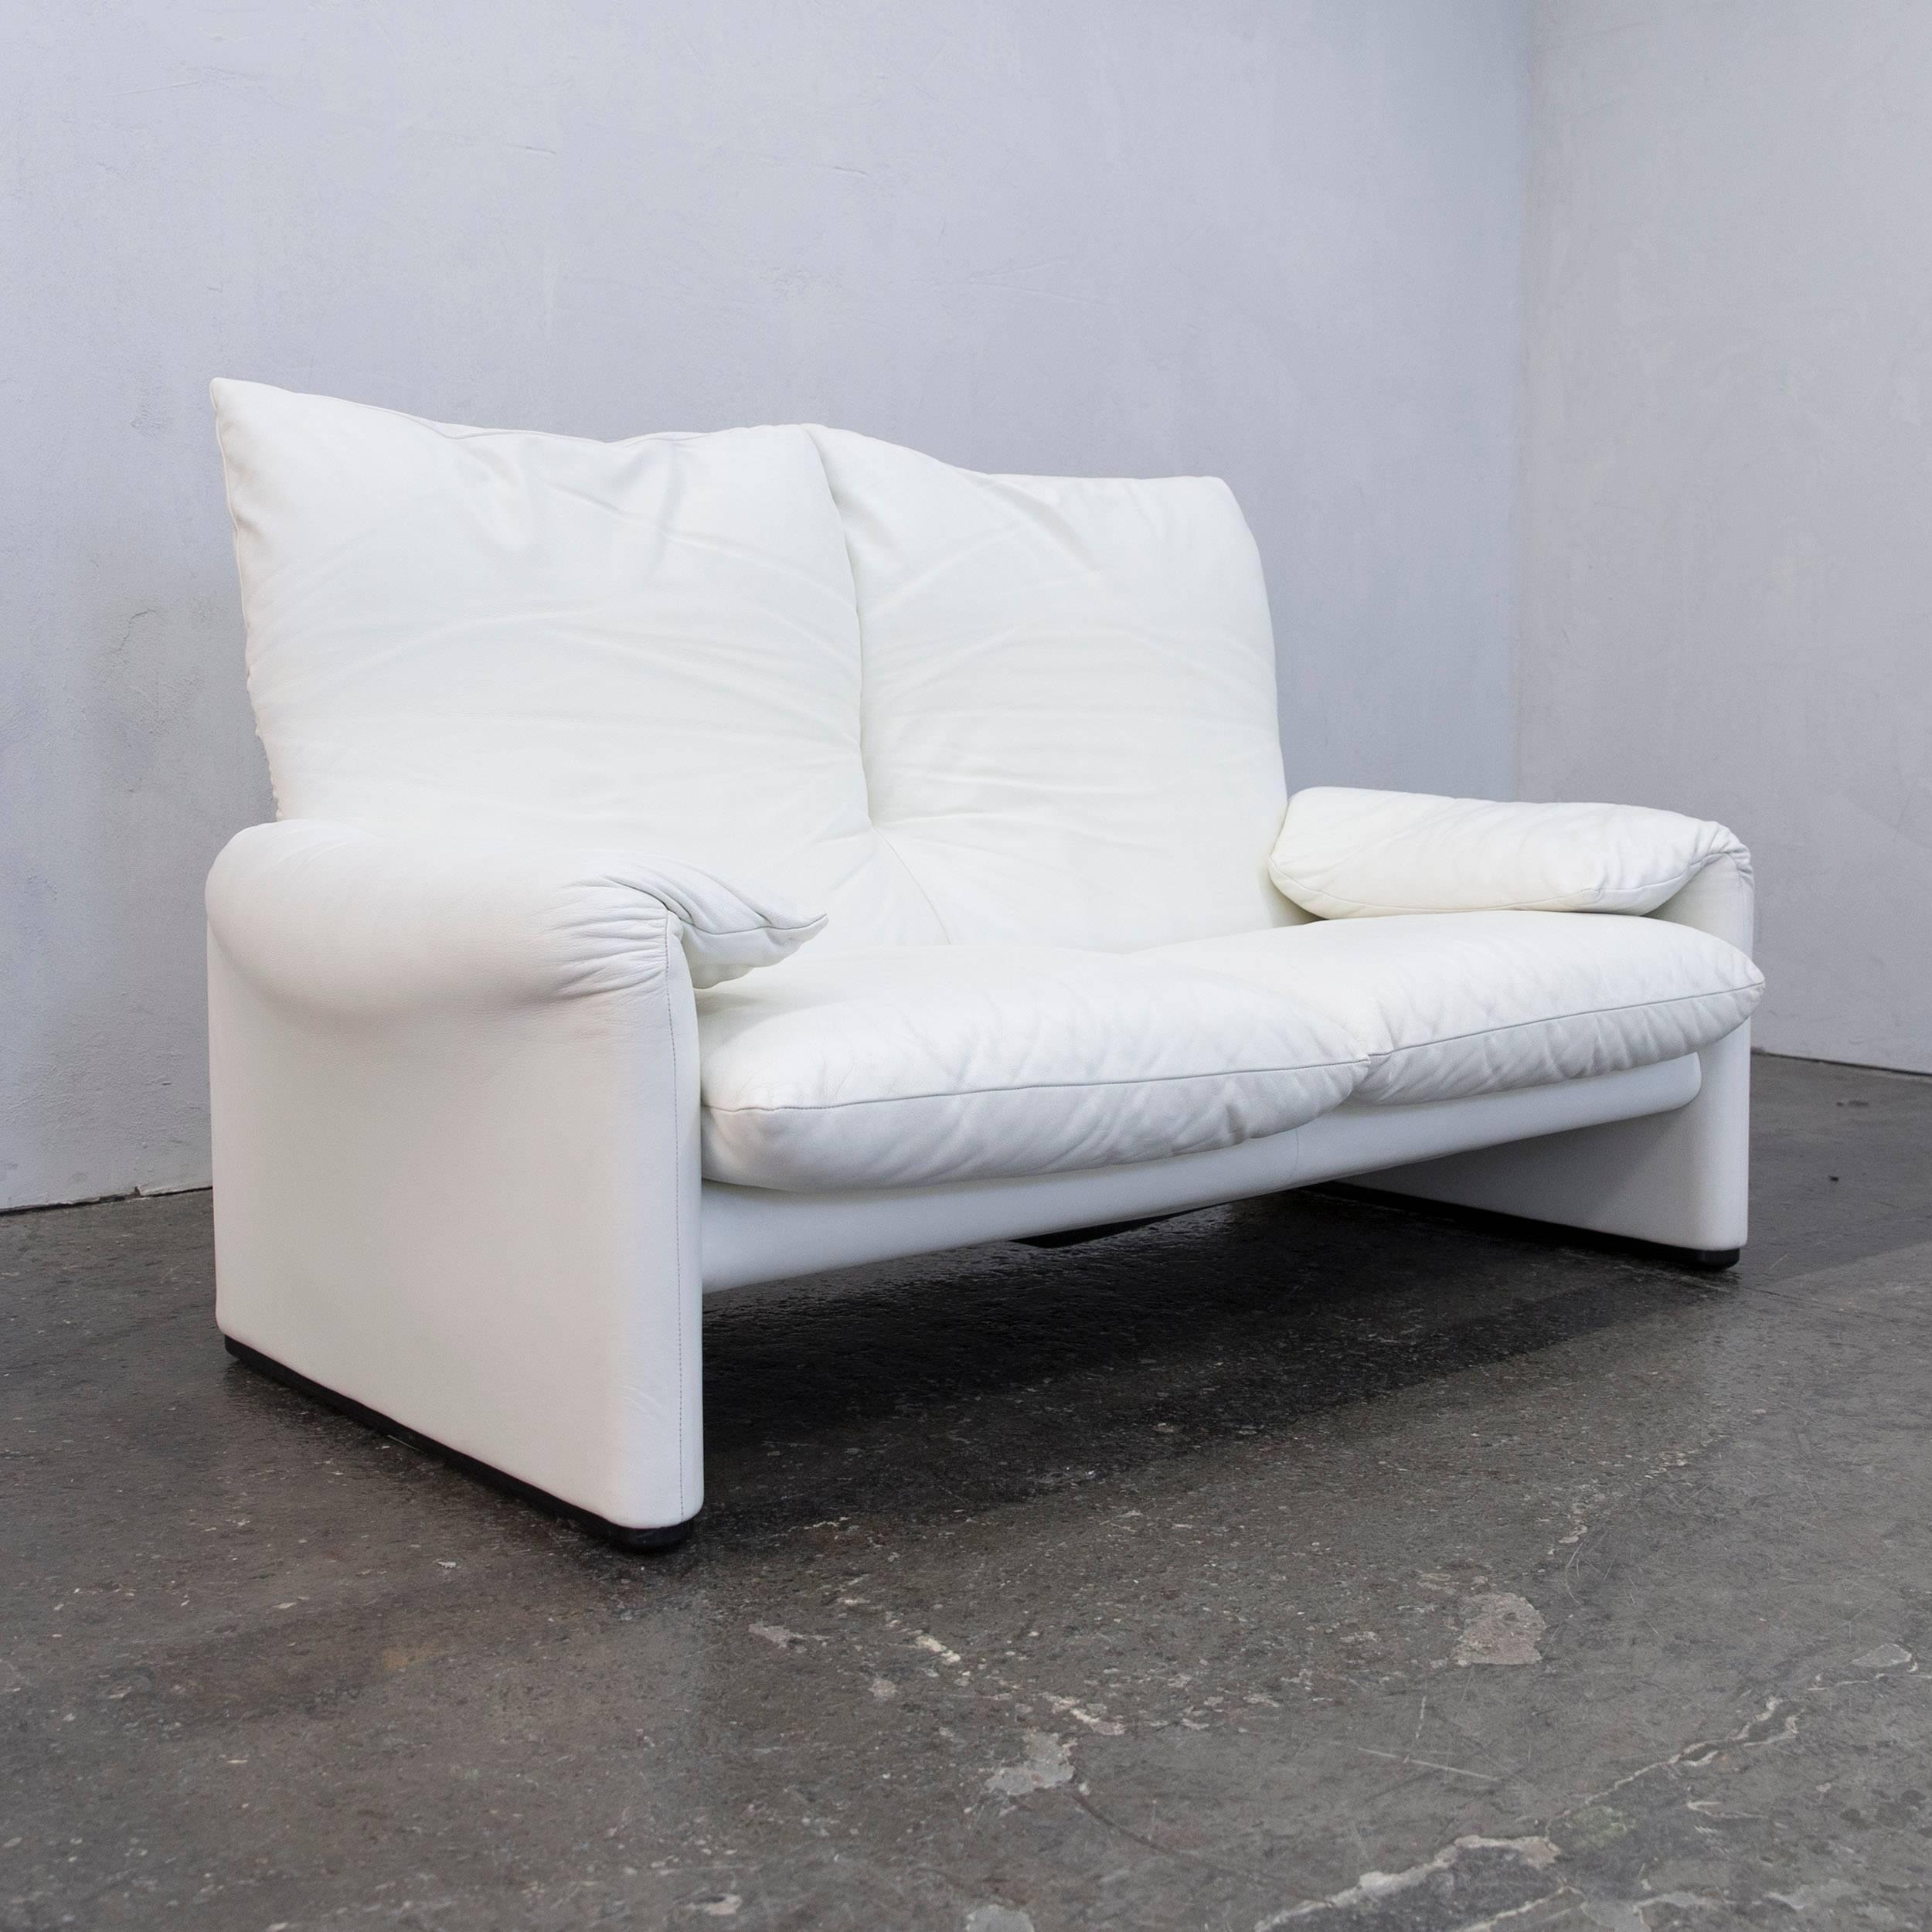 Designer Sofa Leder Sofa Towel Sofa Cushion Cotton Fabric Simple